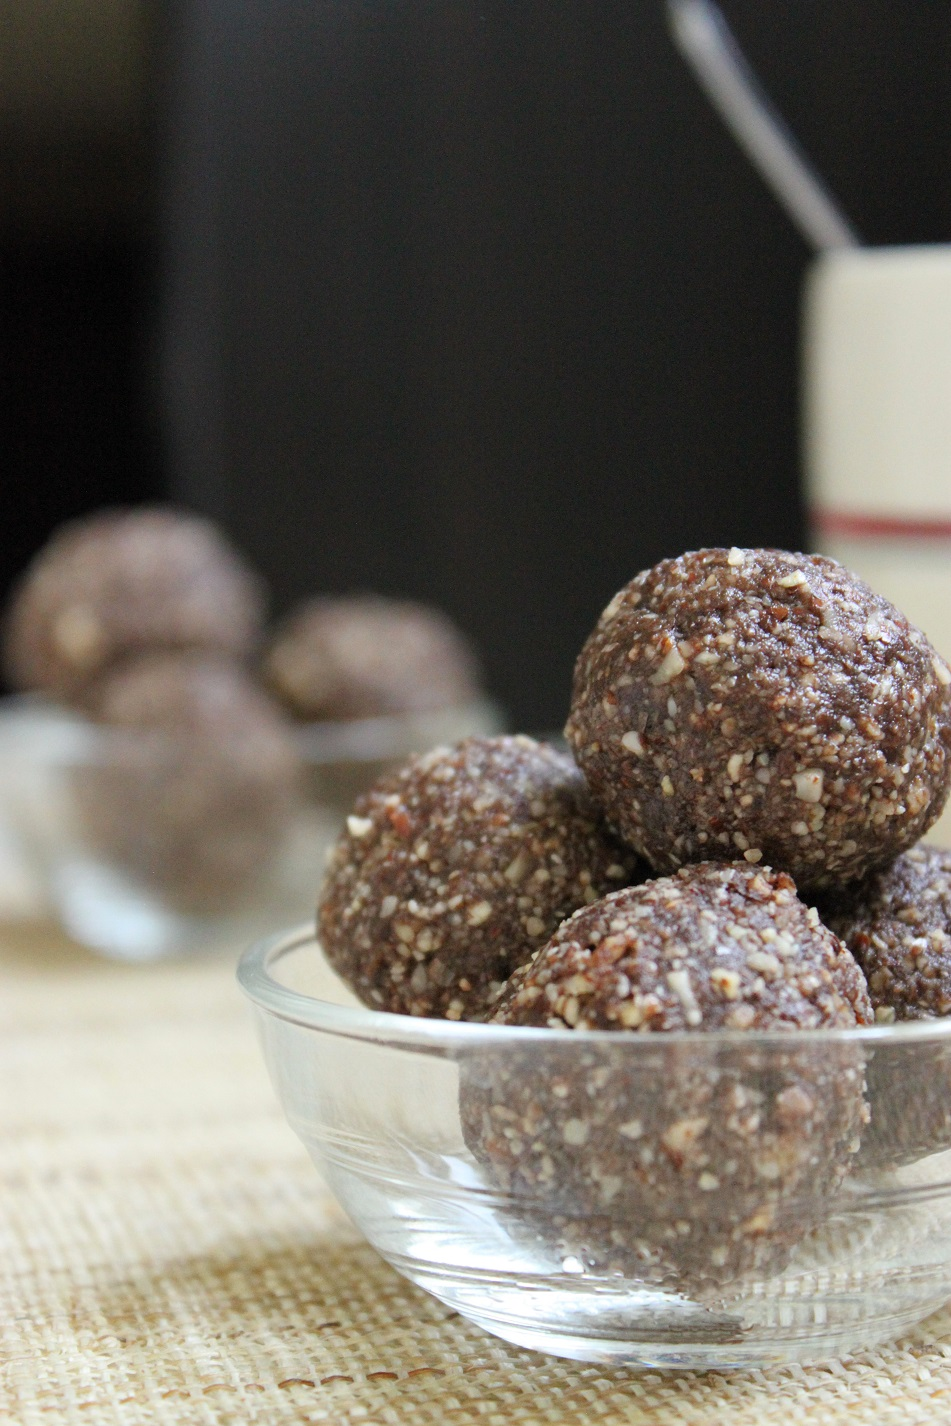 Boulettes énergie chocolat et noisettes - 1.2.3. Veggie